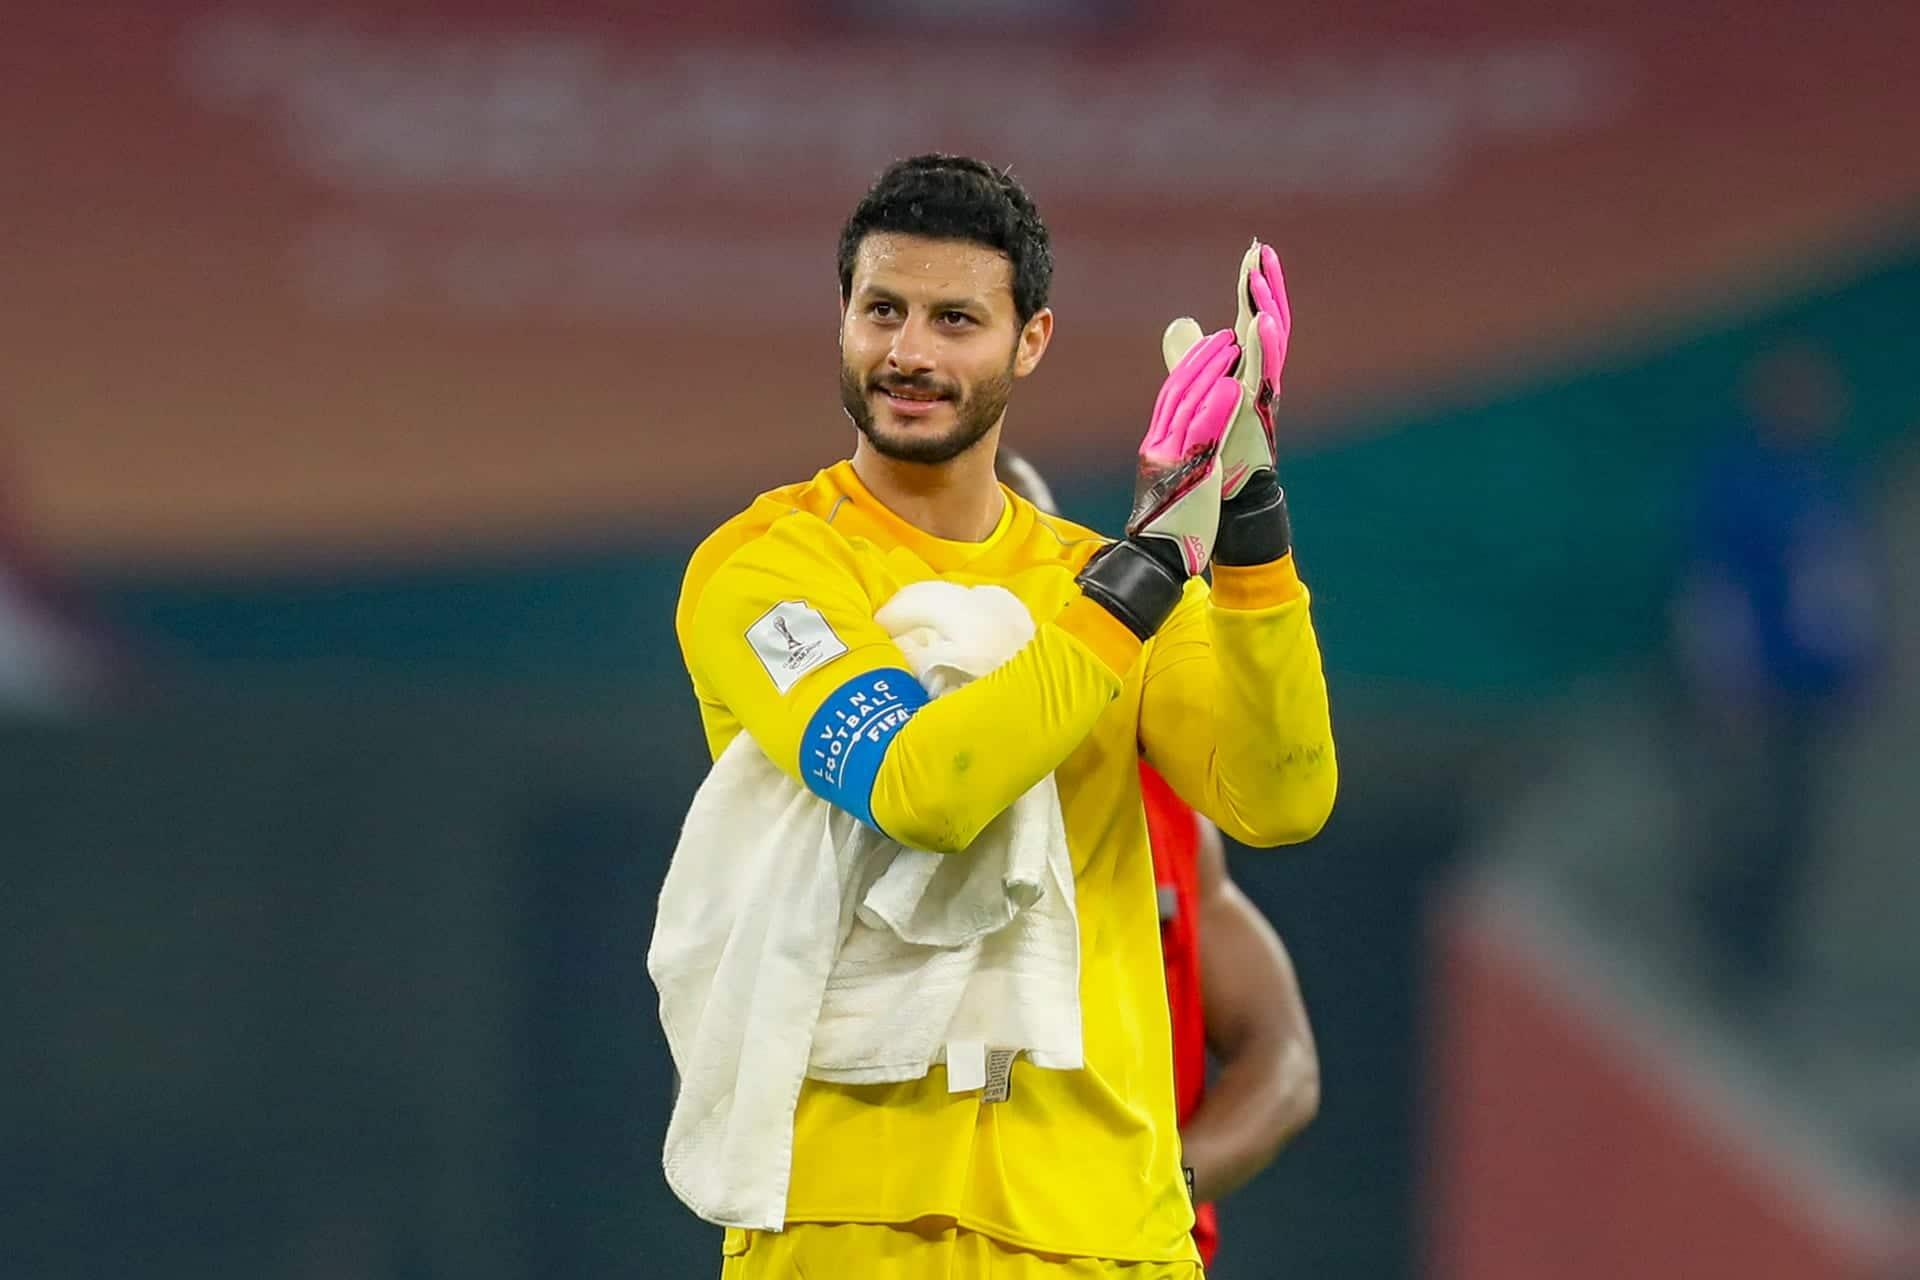 """محمد الشناوي حامي عرين منتخب """"الفراعنة"""" يصنع التاريخ في أولمبياد طوكيو"""